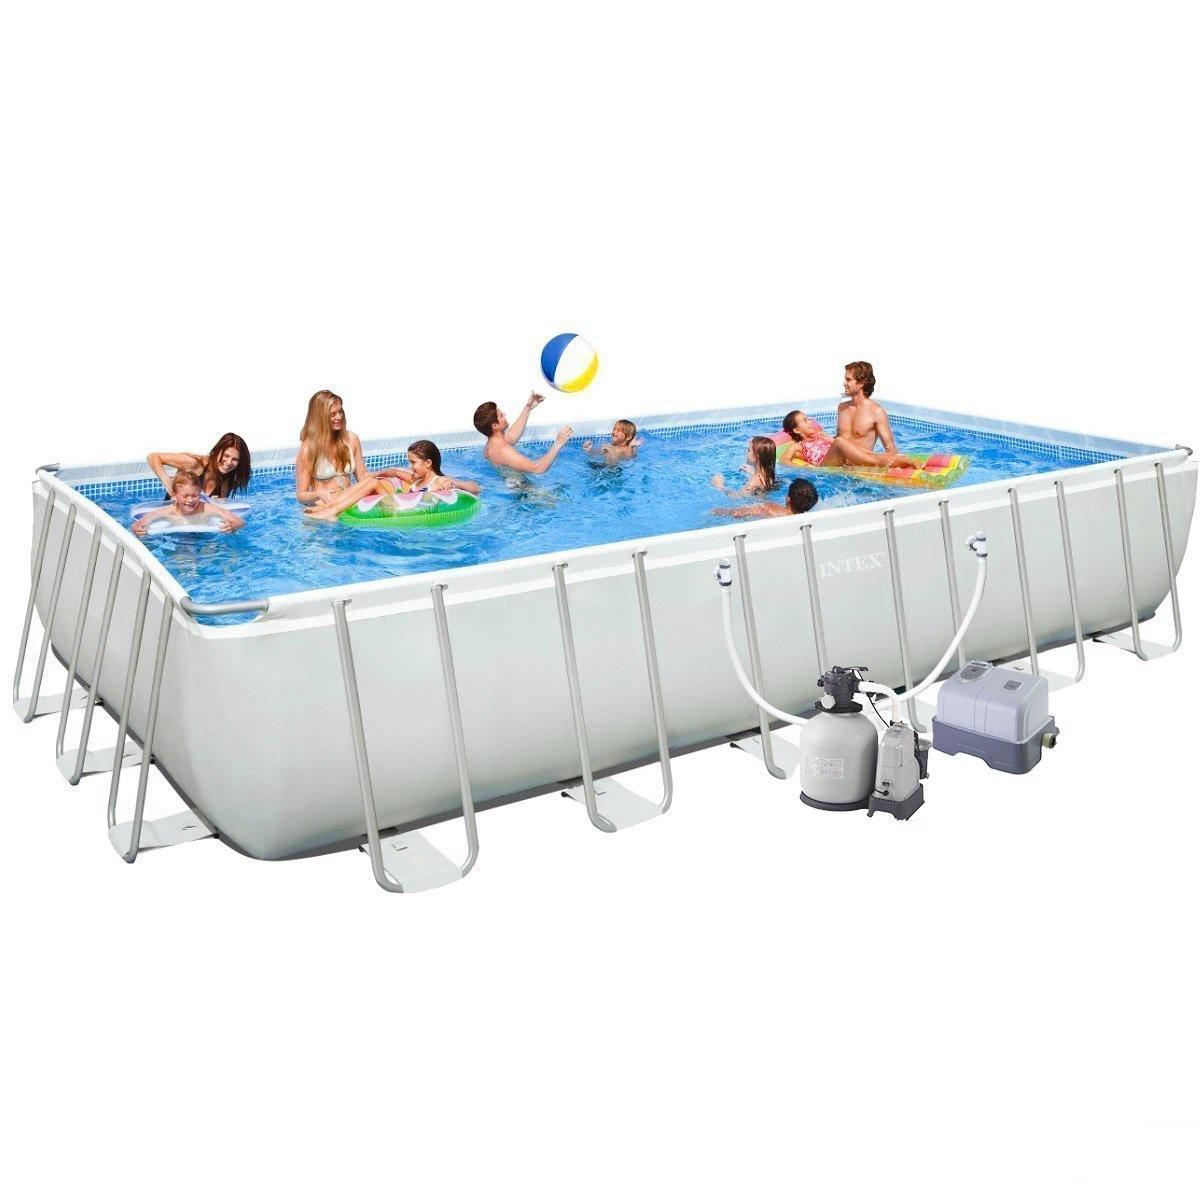 Каркасный бассейн Intex Ultra Frame Rectangular Pool 732х366х132 см Басейн прямоугольный